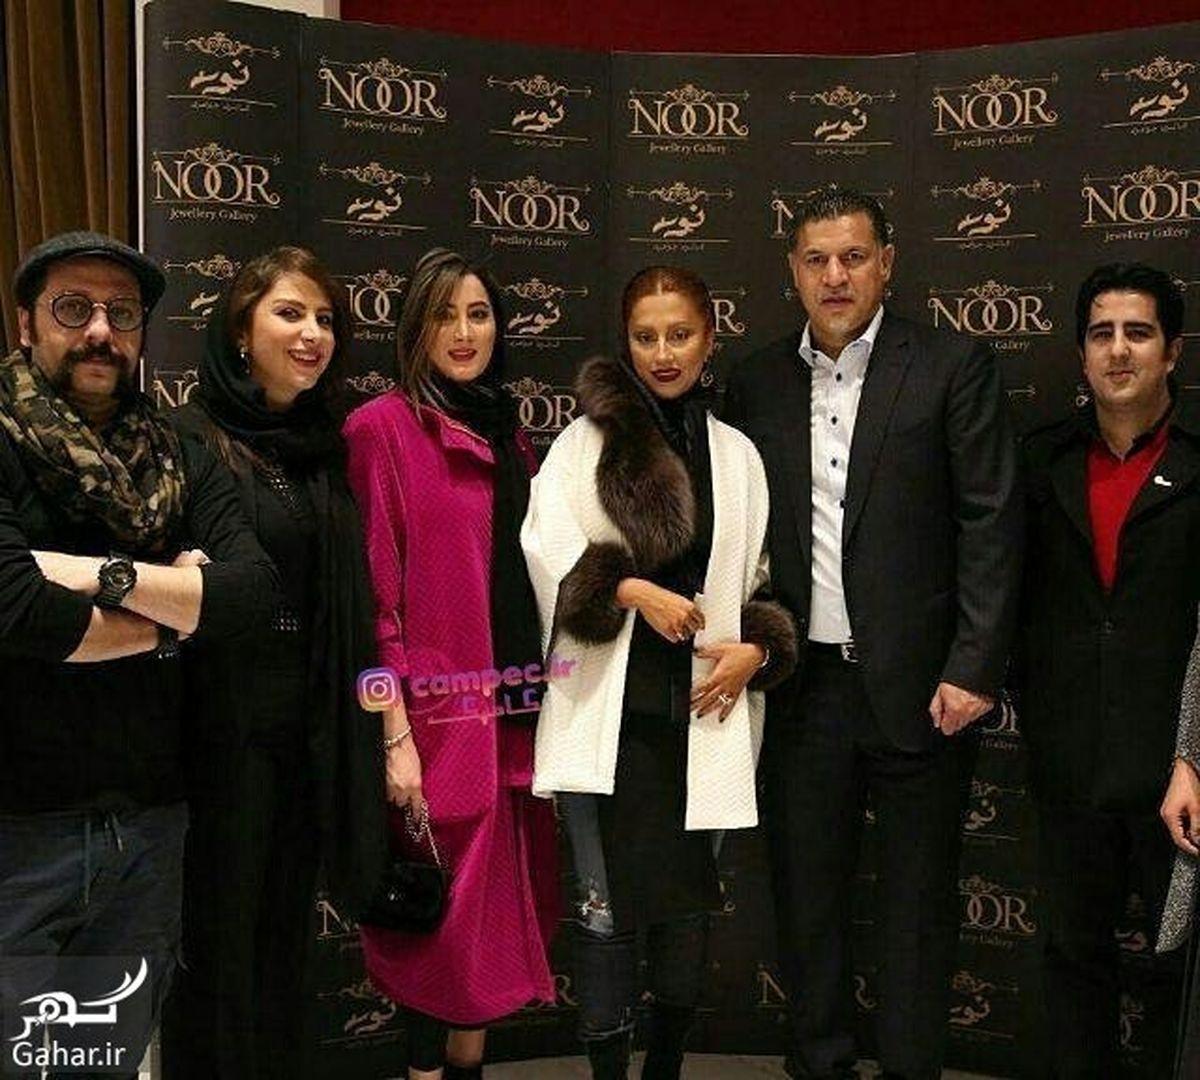 عکس های علی دایی و همسرانش لورفت + عکس خصوصی